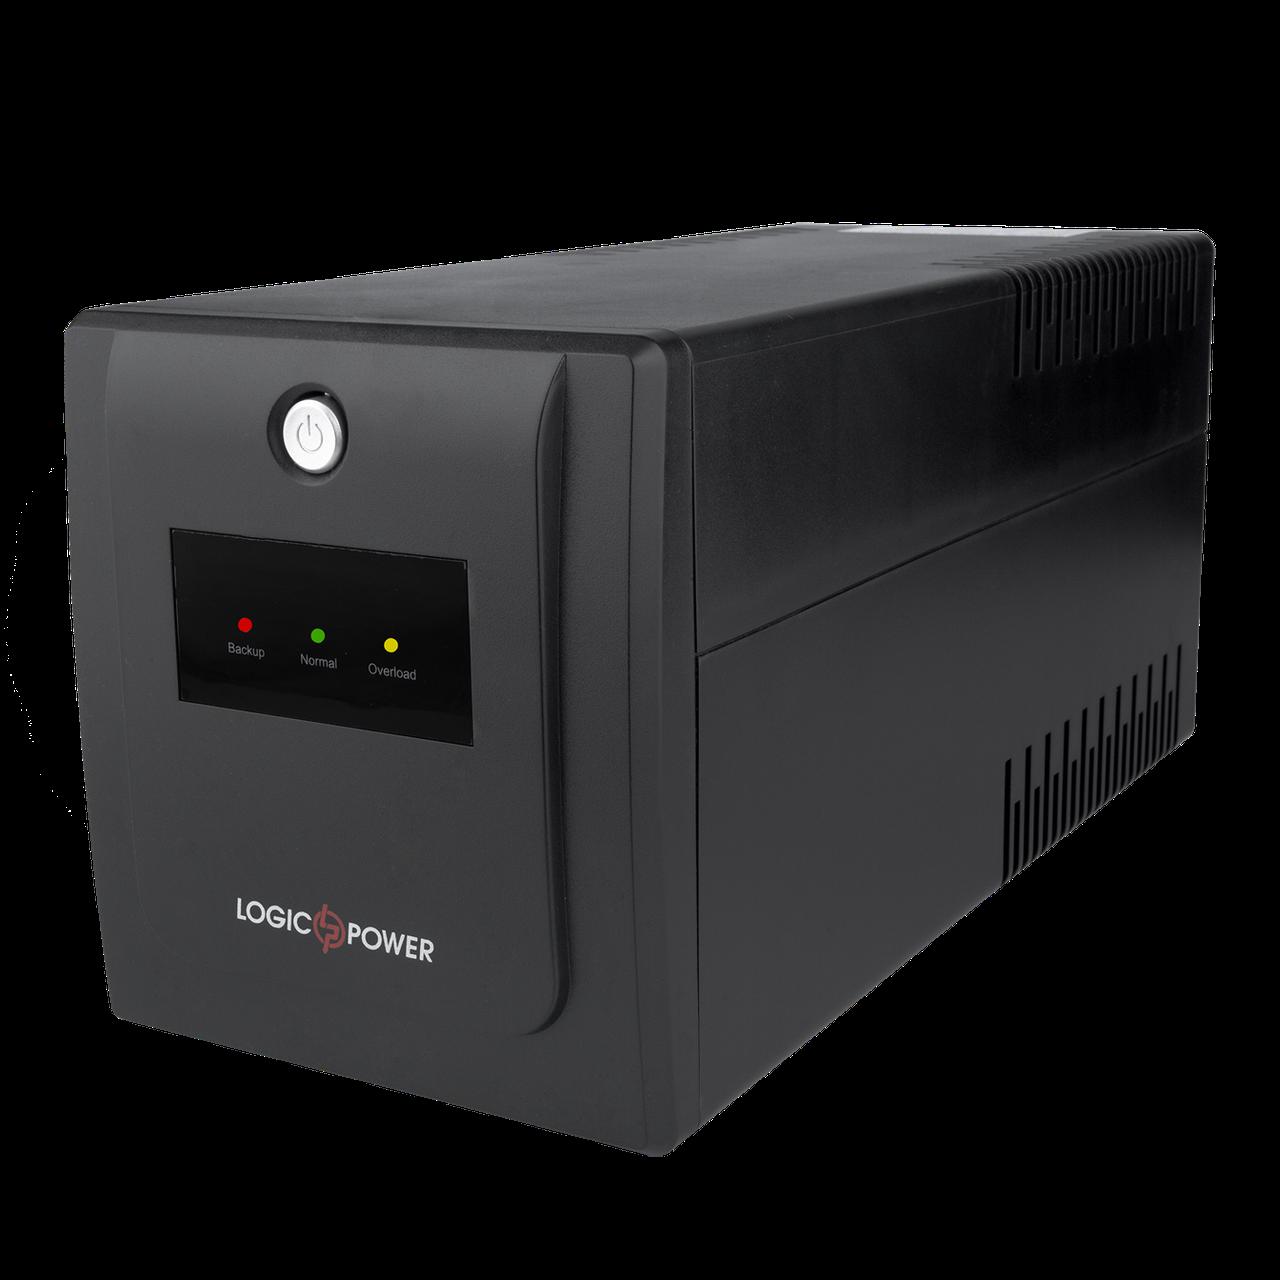 ИБП линейно-интерактивный LogicPower LPM-1100VA-P(770Вт)